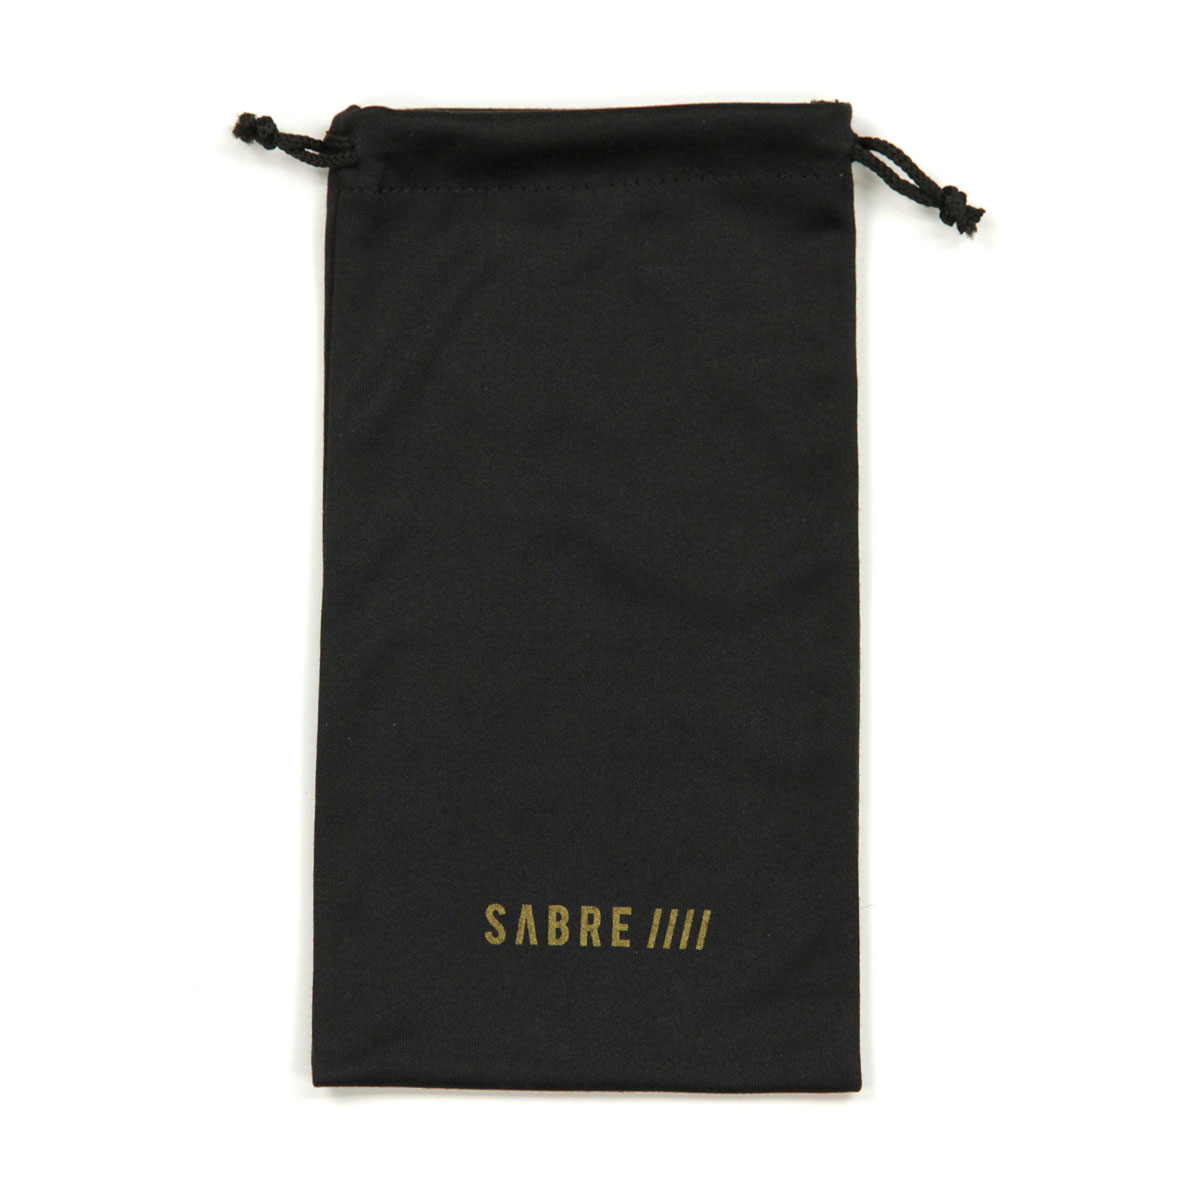 sabre_1